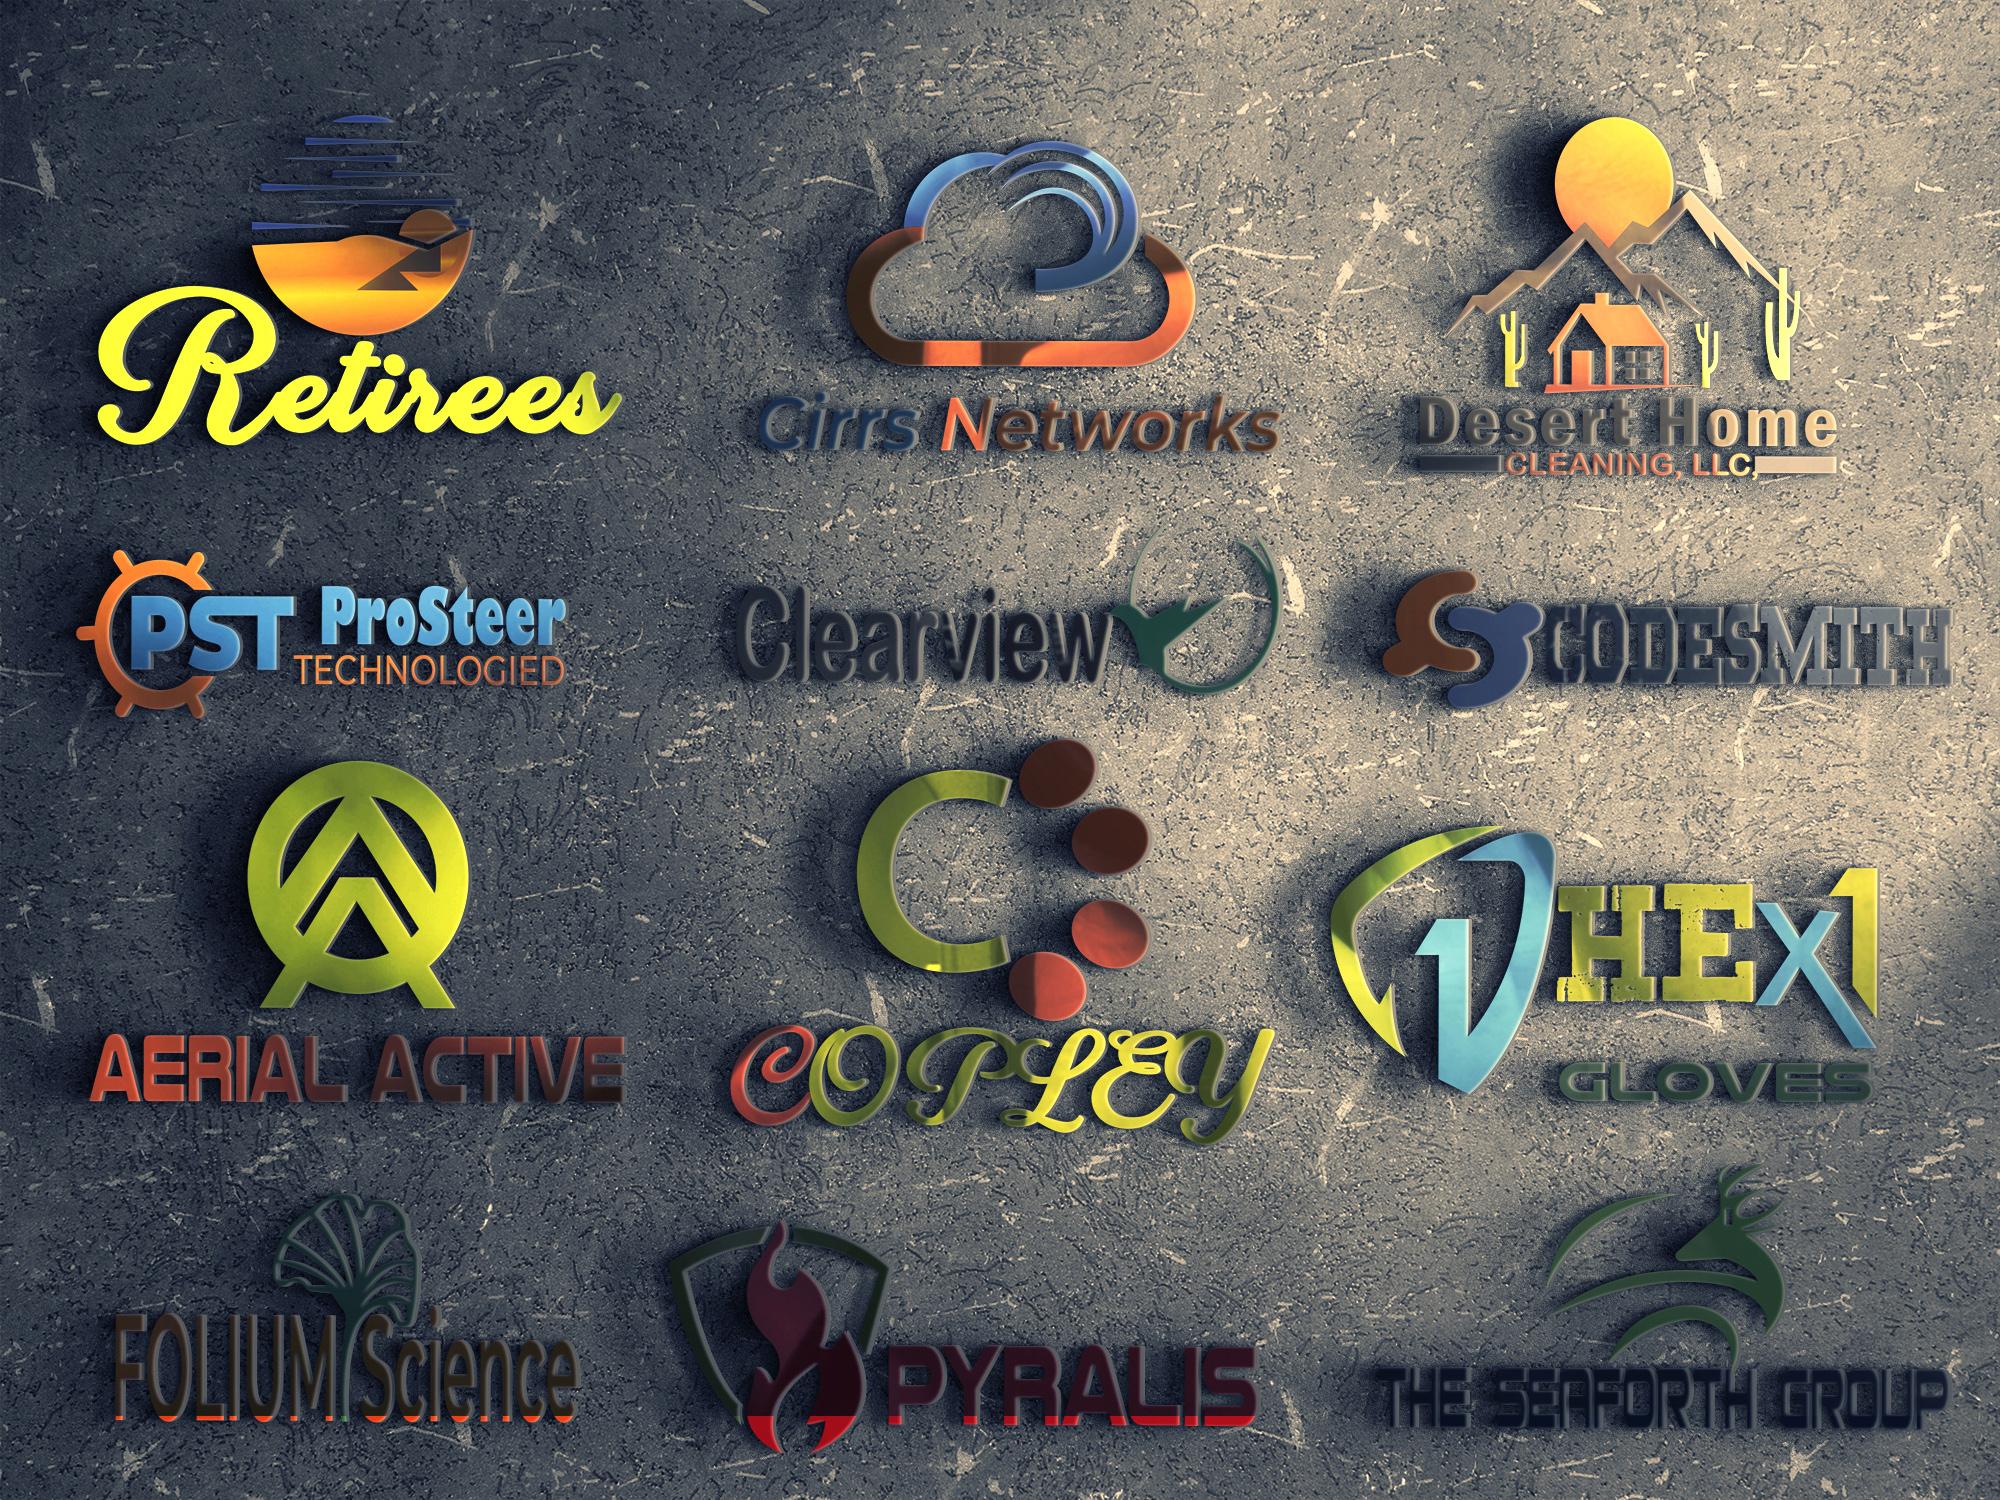 I will design 3 minimalist logo concepts design